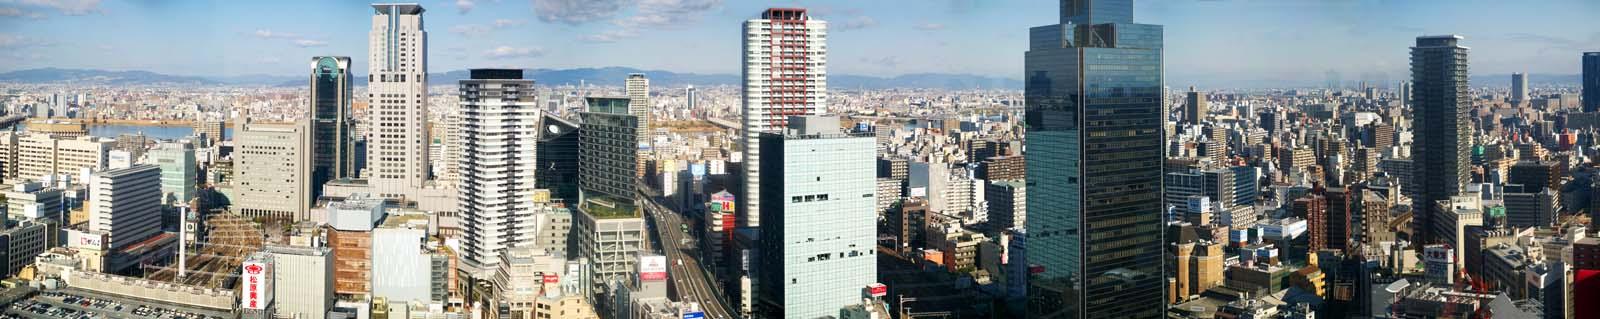 写真,素材,無料,フリー,フォト,クリエイティブ・コモンズ,風景,壁紙,大阪パノラマ, 高層ビル, 線路, 阪神高速, 高層マンション